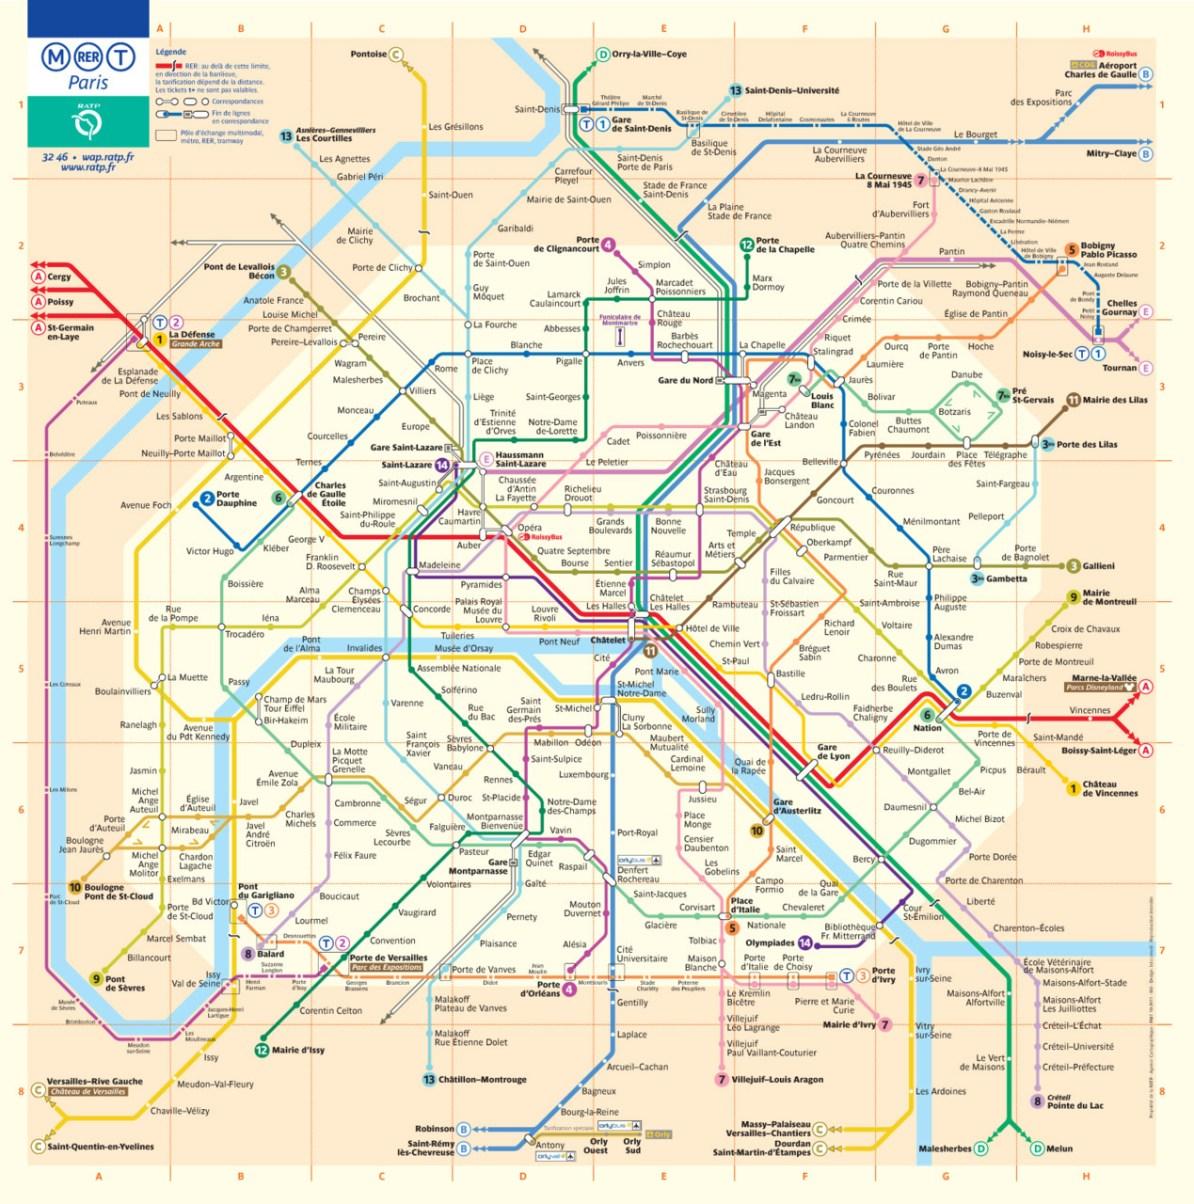 Map Subway Paris.Transit Maps Official Map Paris Metro Rer Tram Map 2011